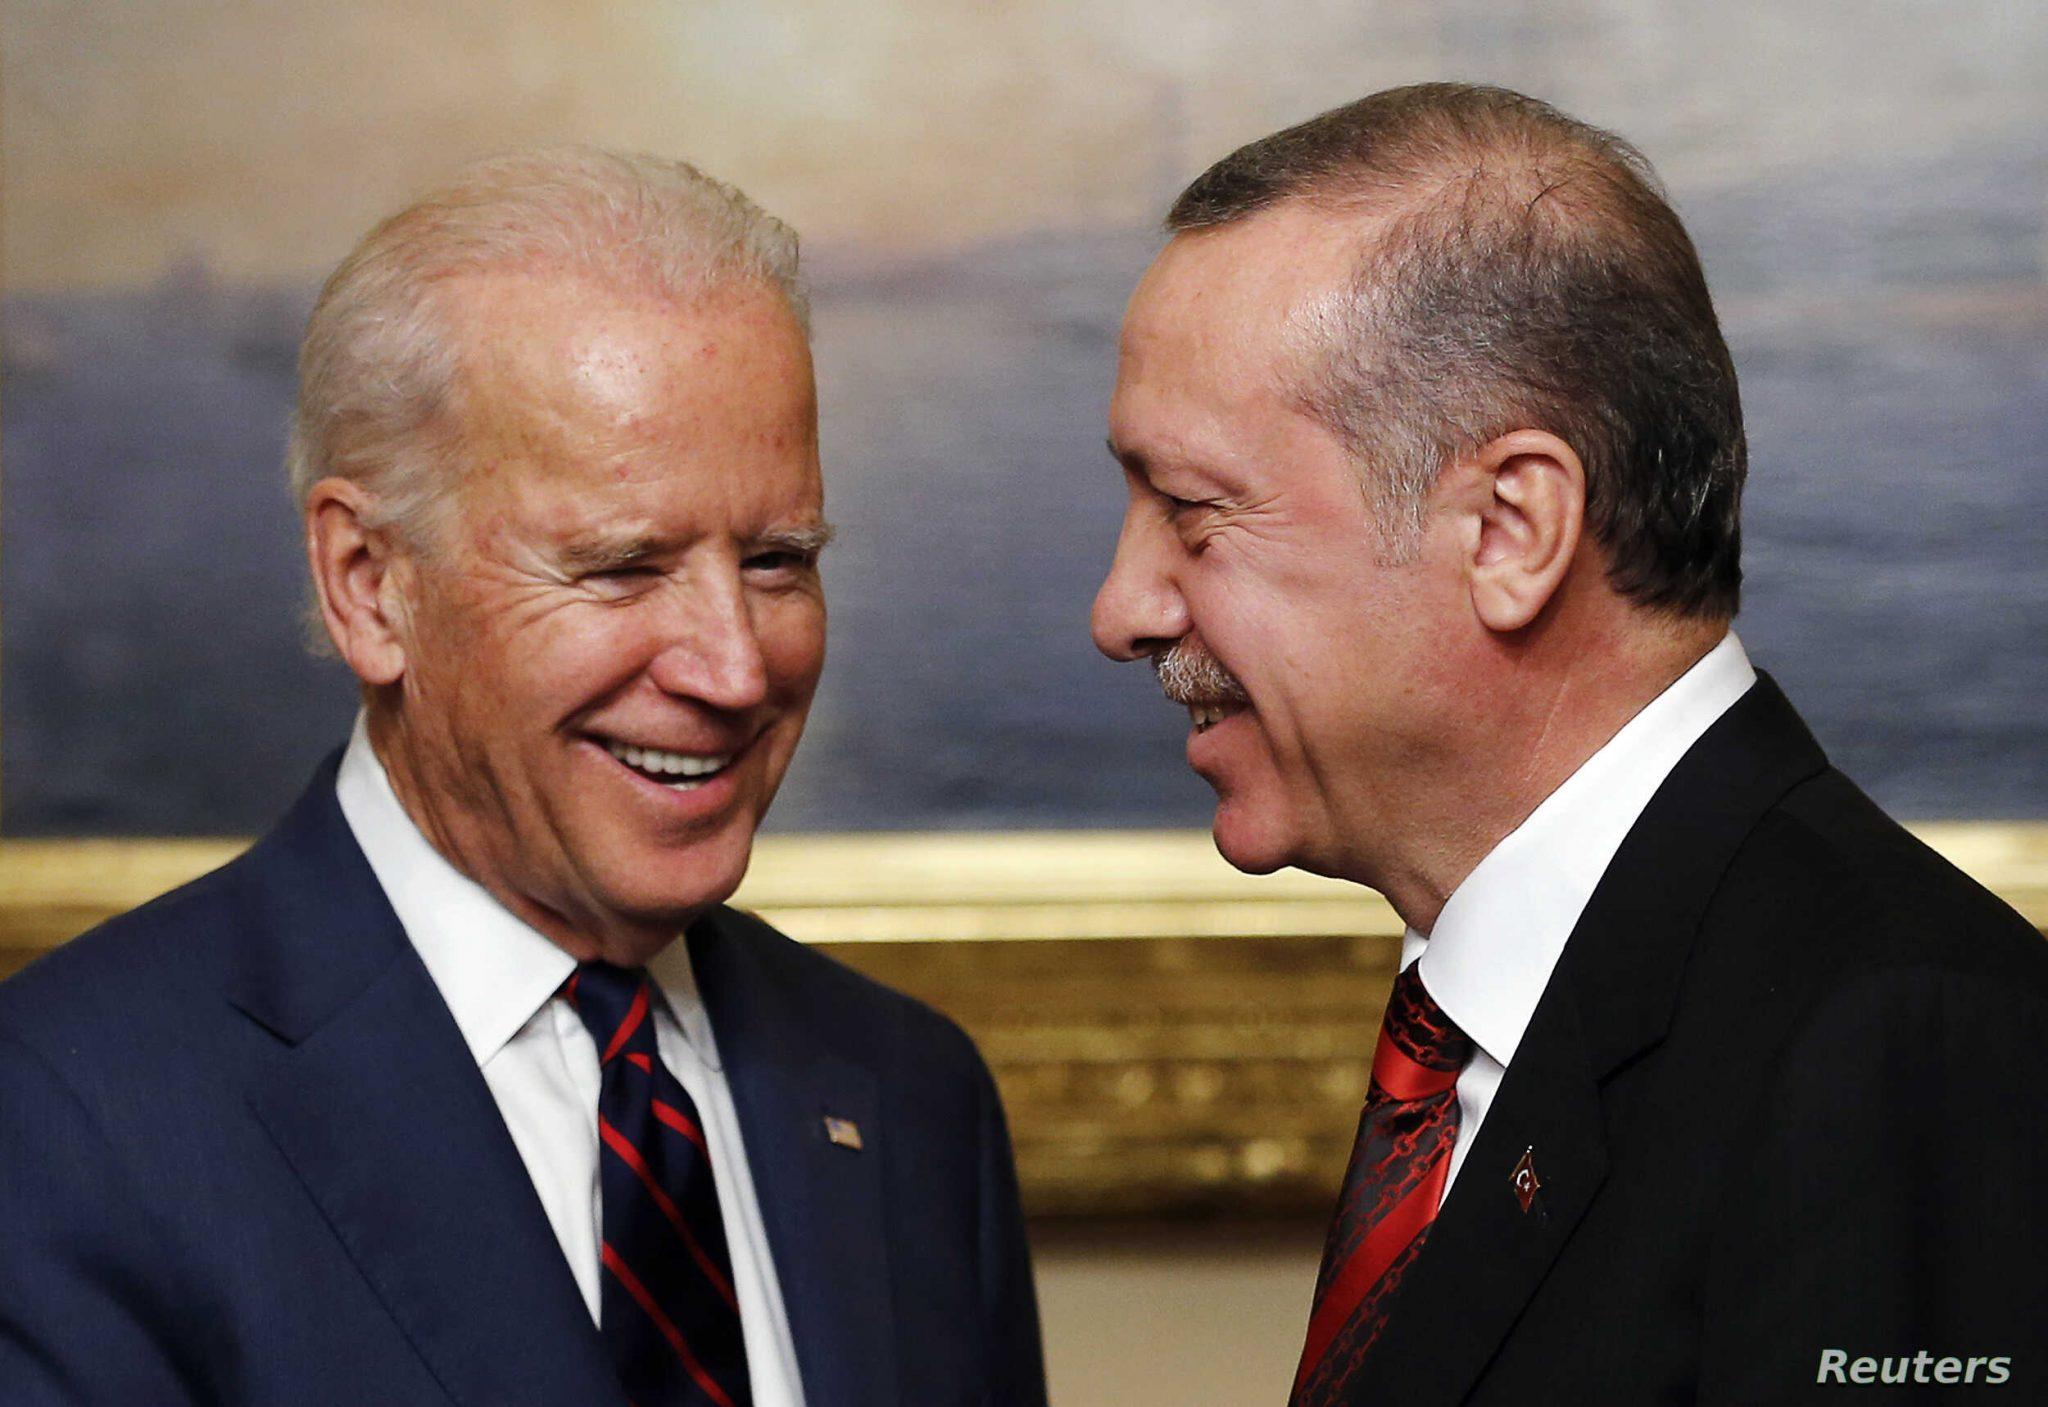 صورة بايدن متفاجئ أول تعليق من الرئيس الأمريكي بعد قرار أردوغان الأخير